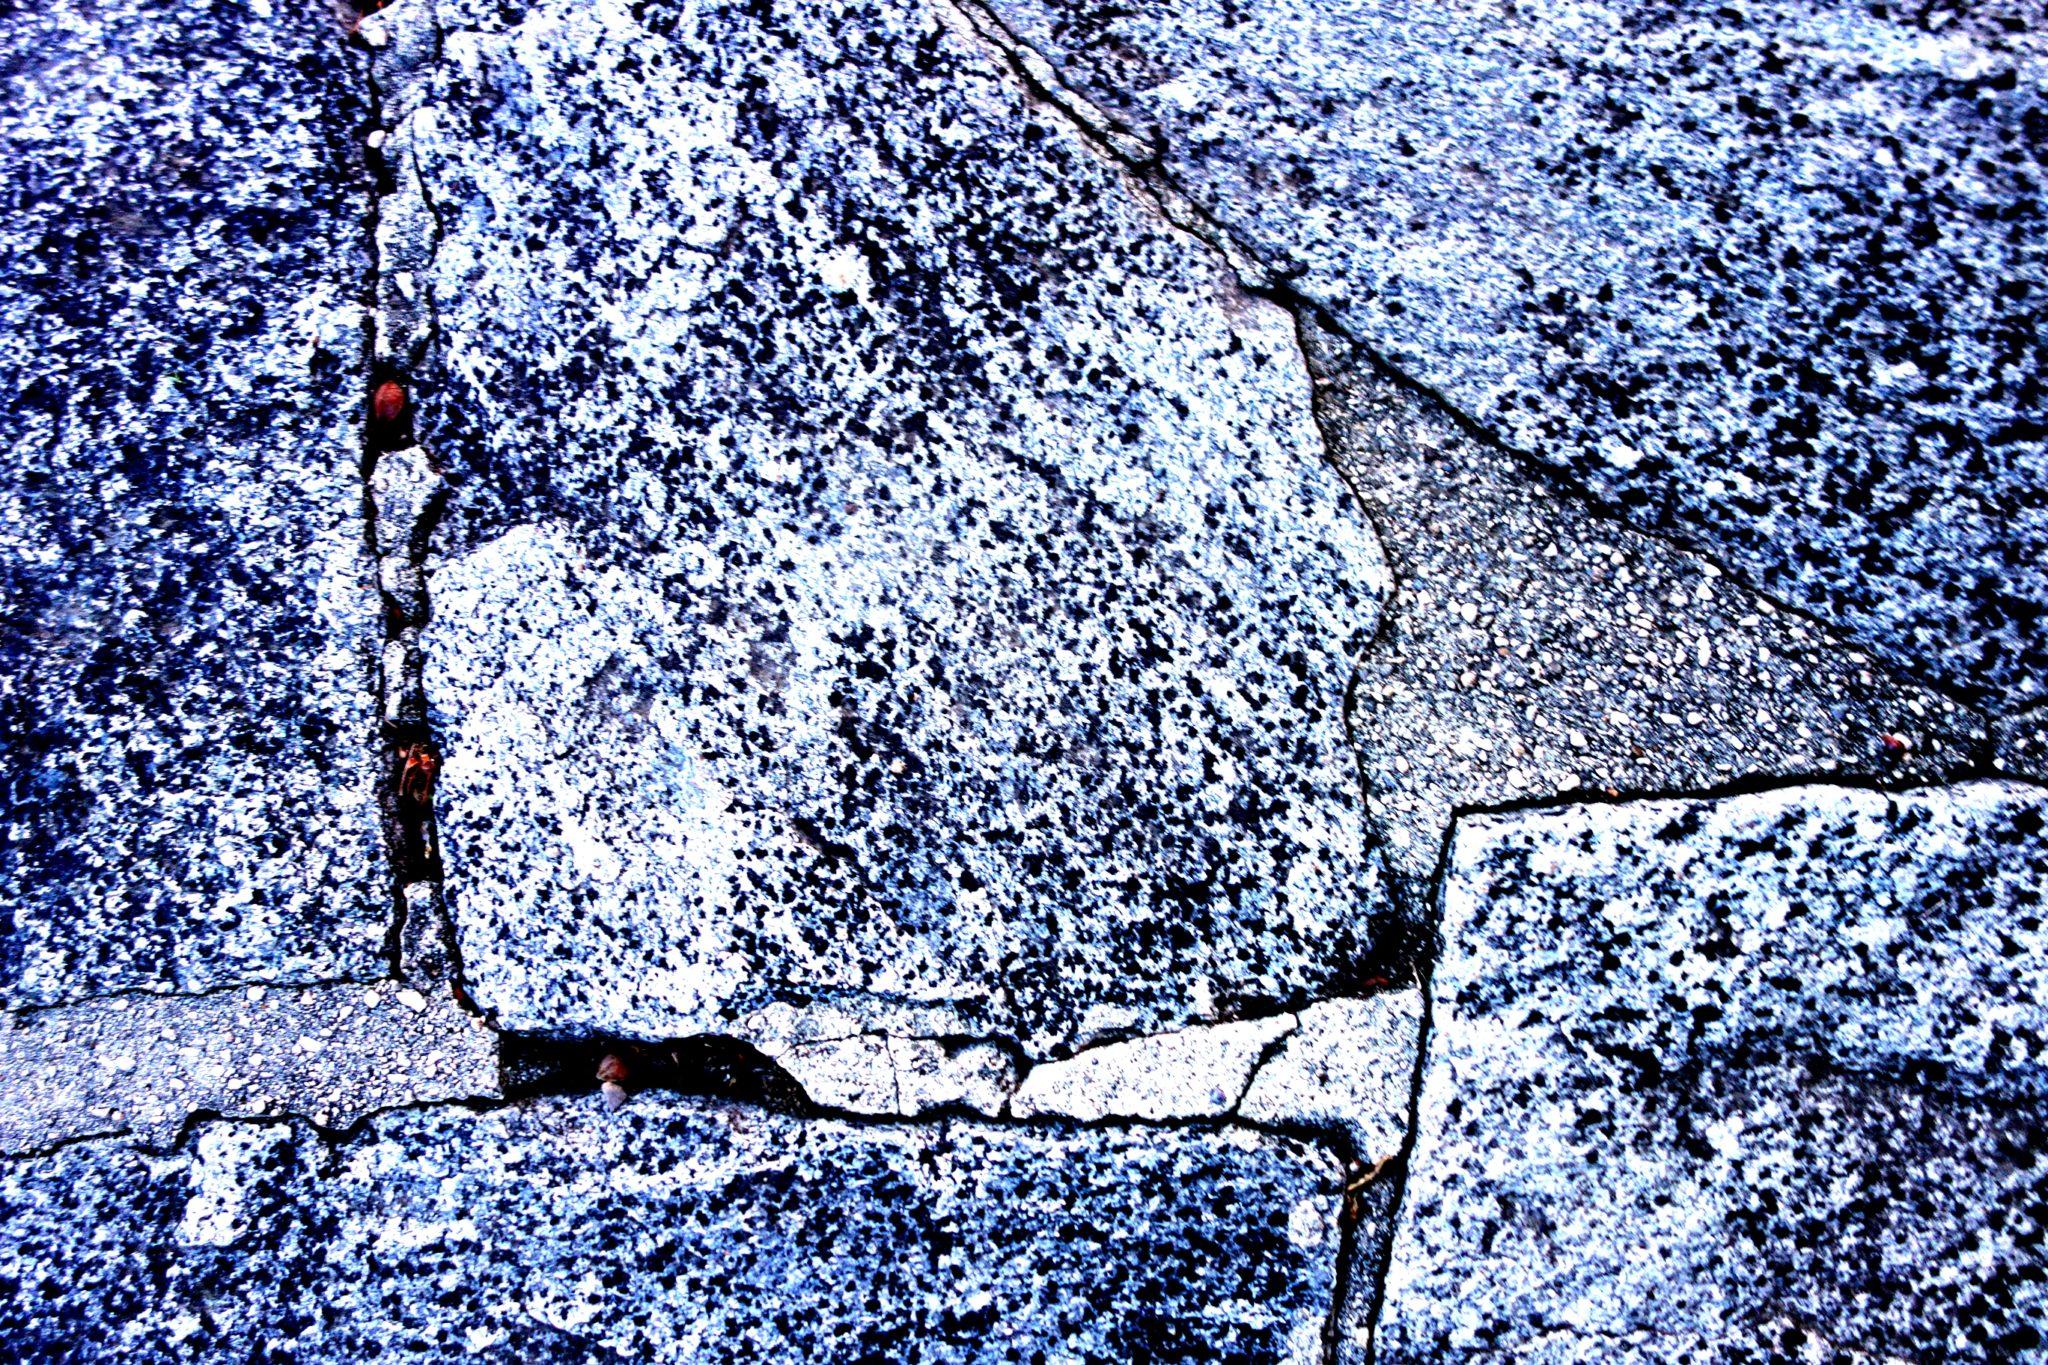 des fissures dans la pierre 01